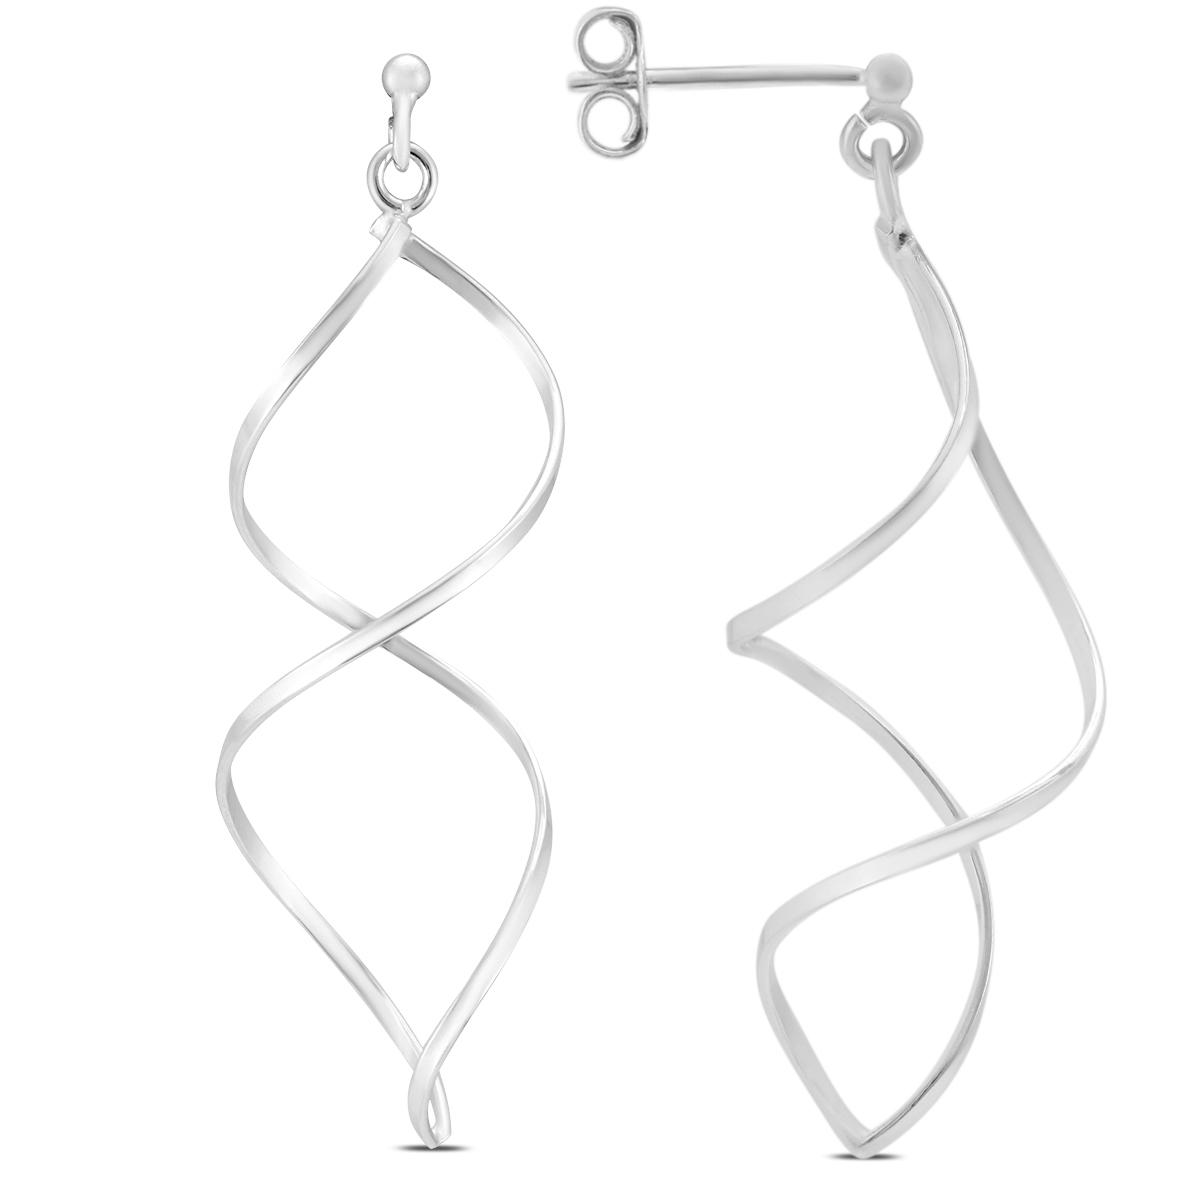 .925 Sterling Silver Spiral Swirl Earrings